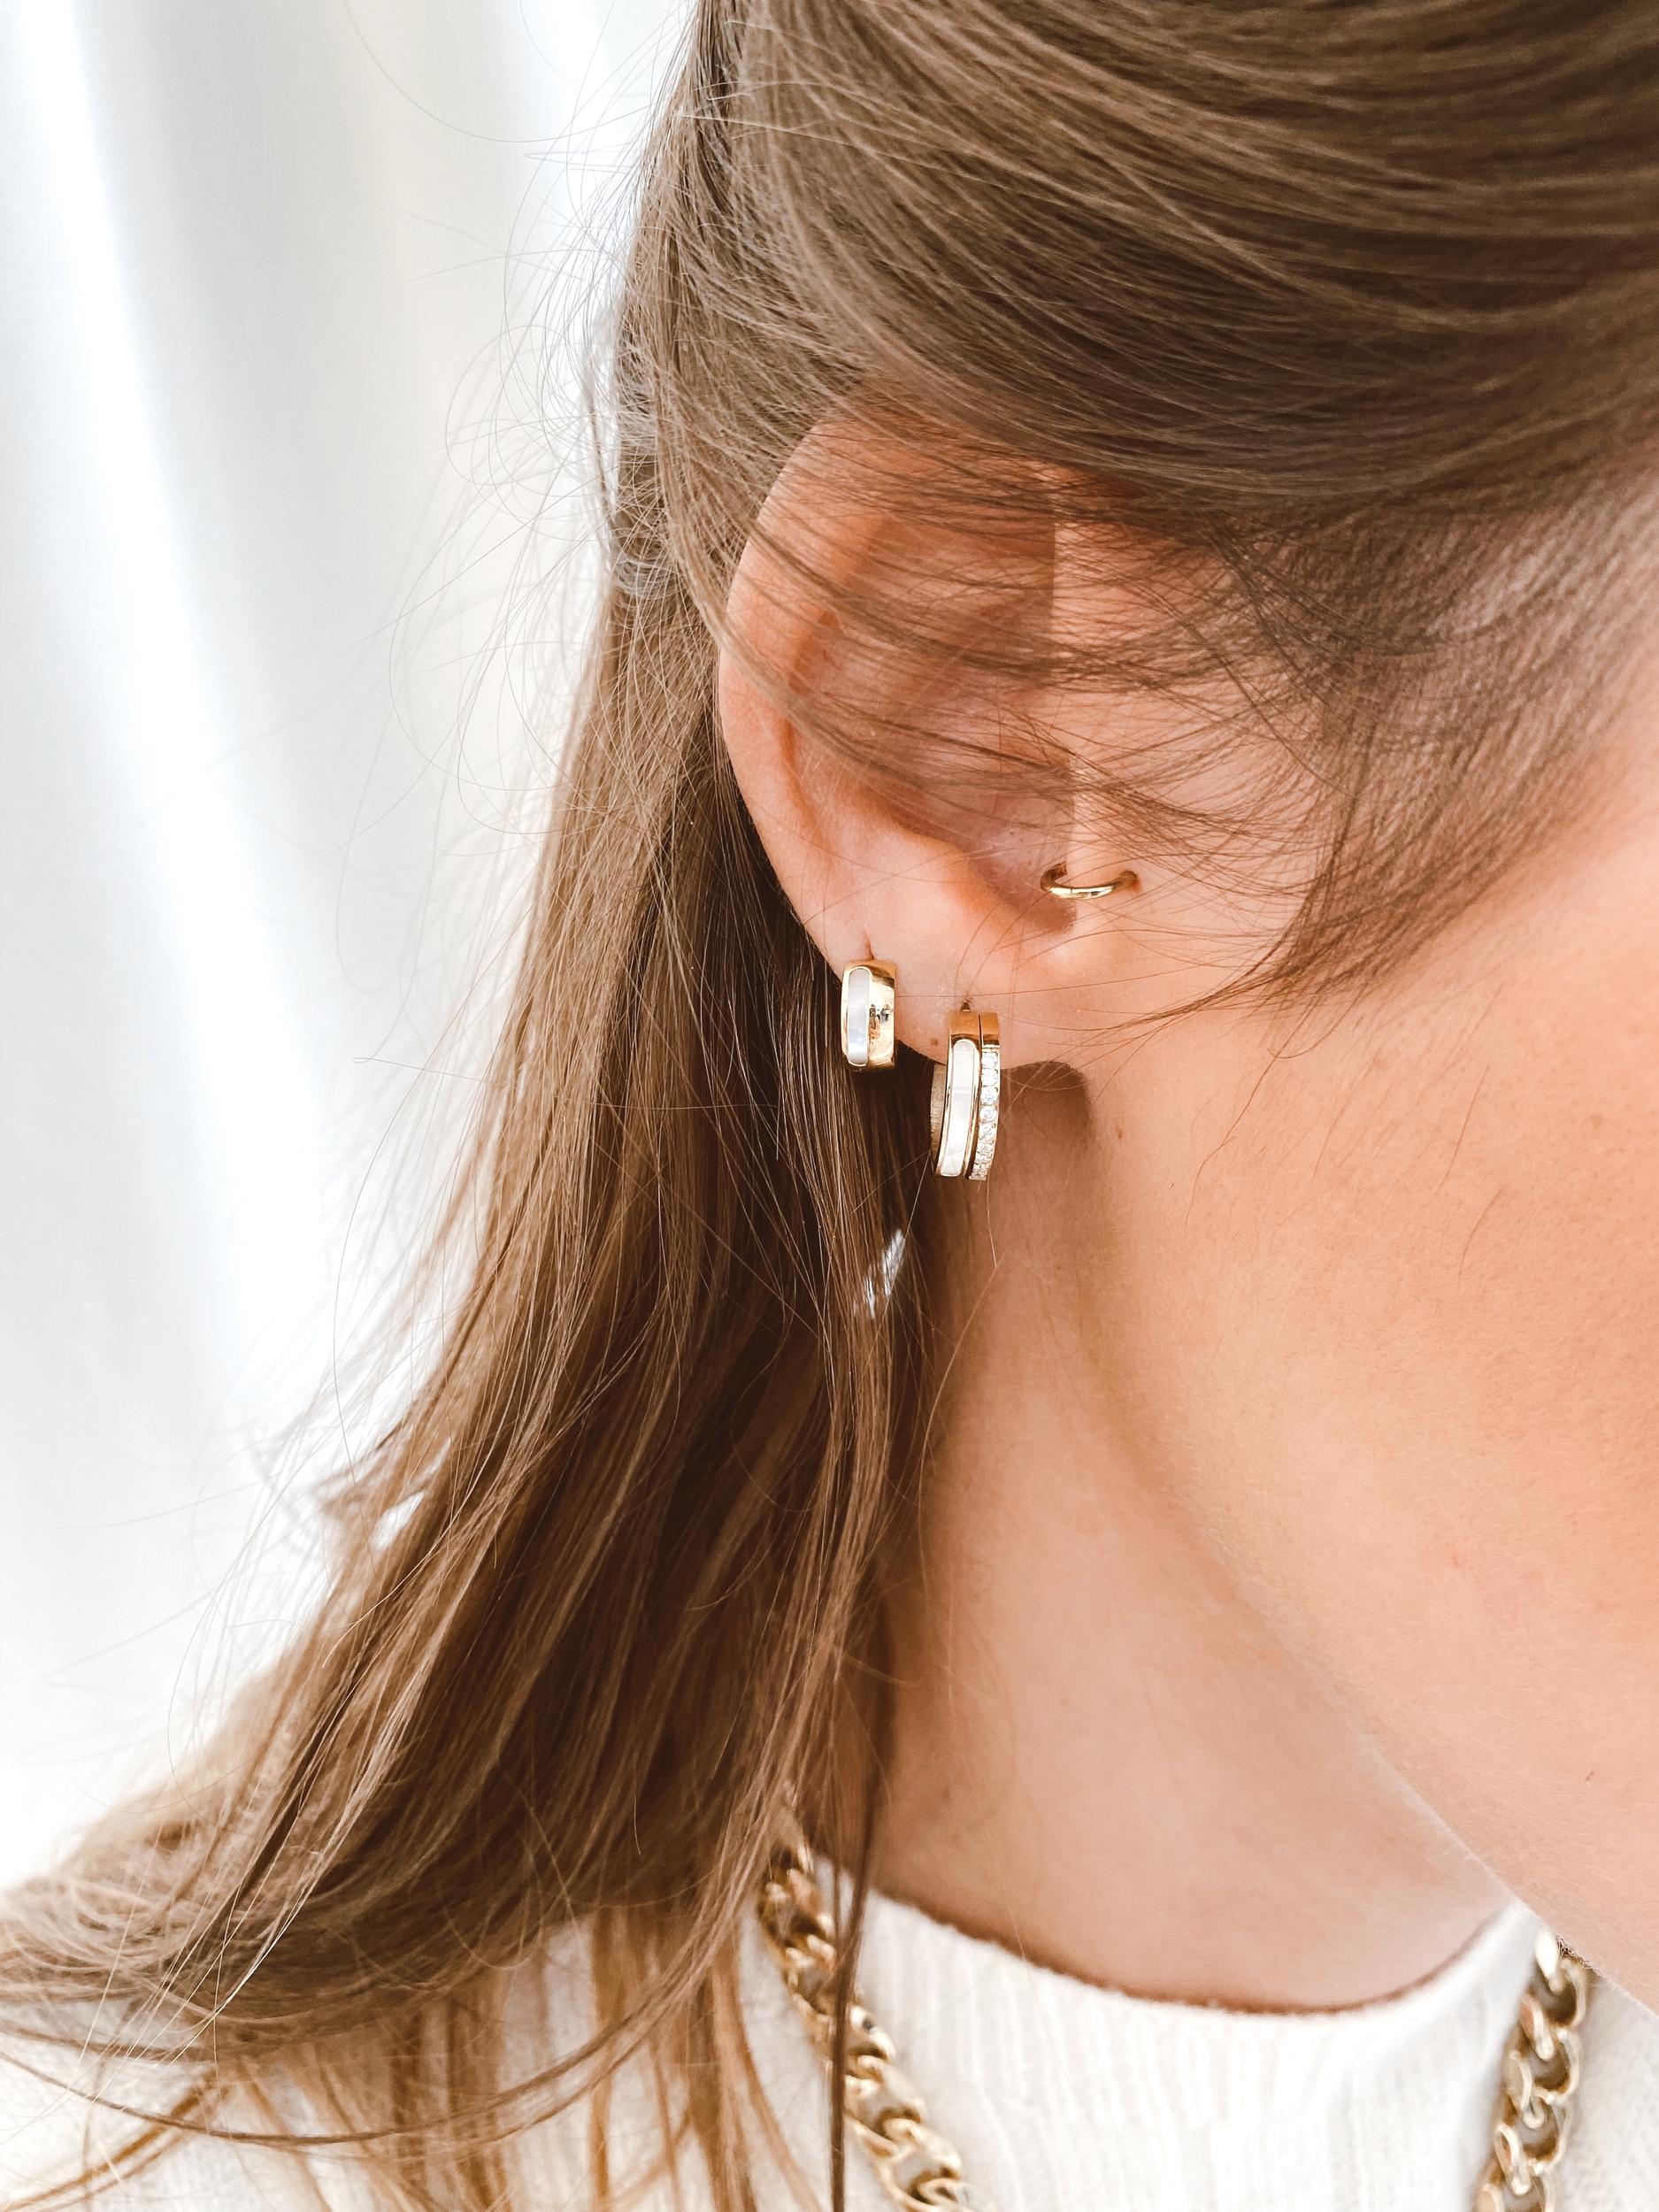 Boucles d'oreilles Chic acier doré - Zag Bijoux